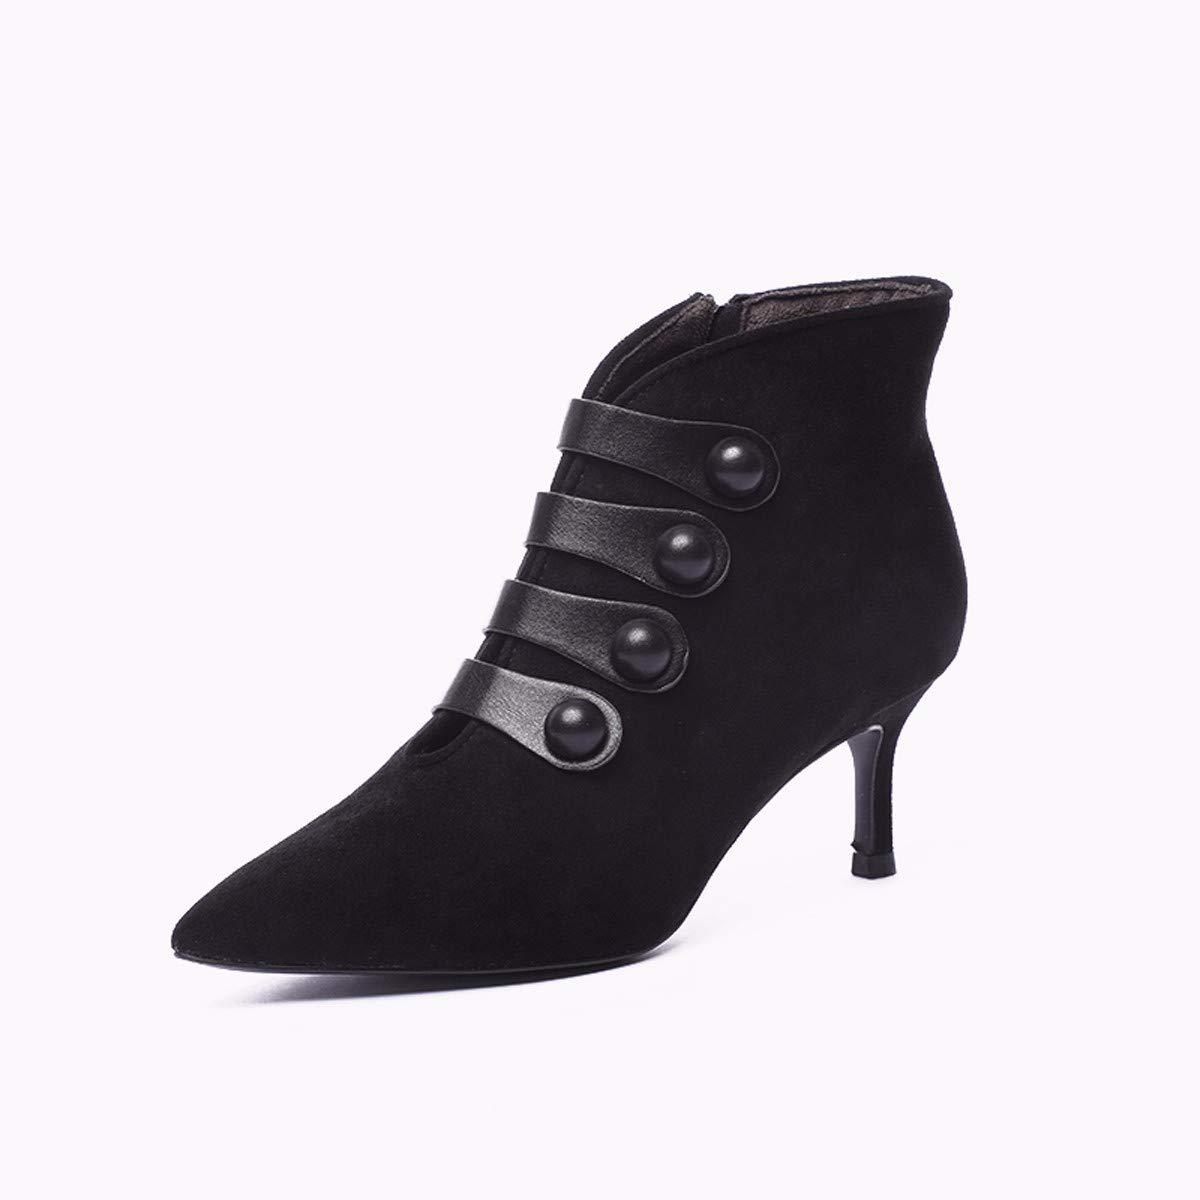 AJUNR Modische Arbeit Damenschuhe Retro Stiefel mit hohen 6 cm sexy wild Wildleder spitz und dünnen nackten Stiefel und Stiefeletten